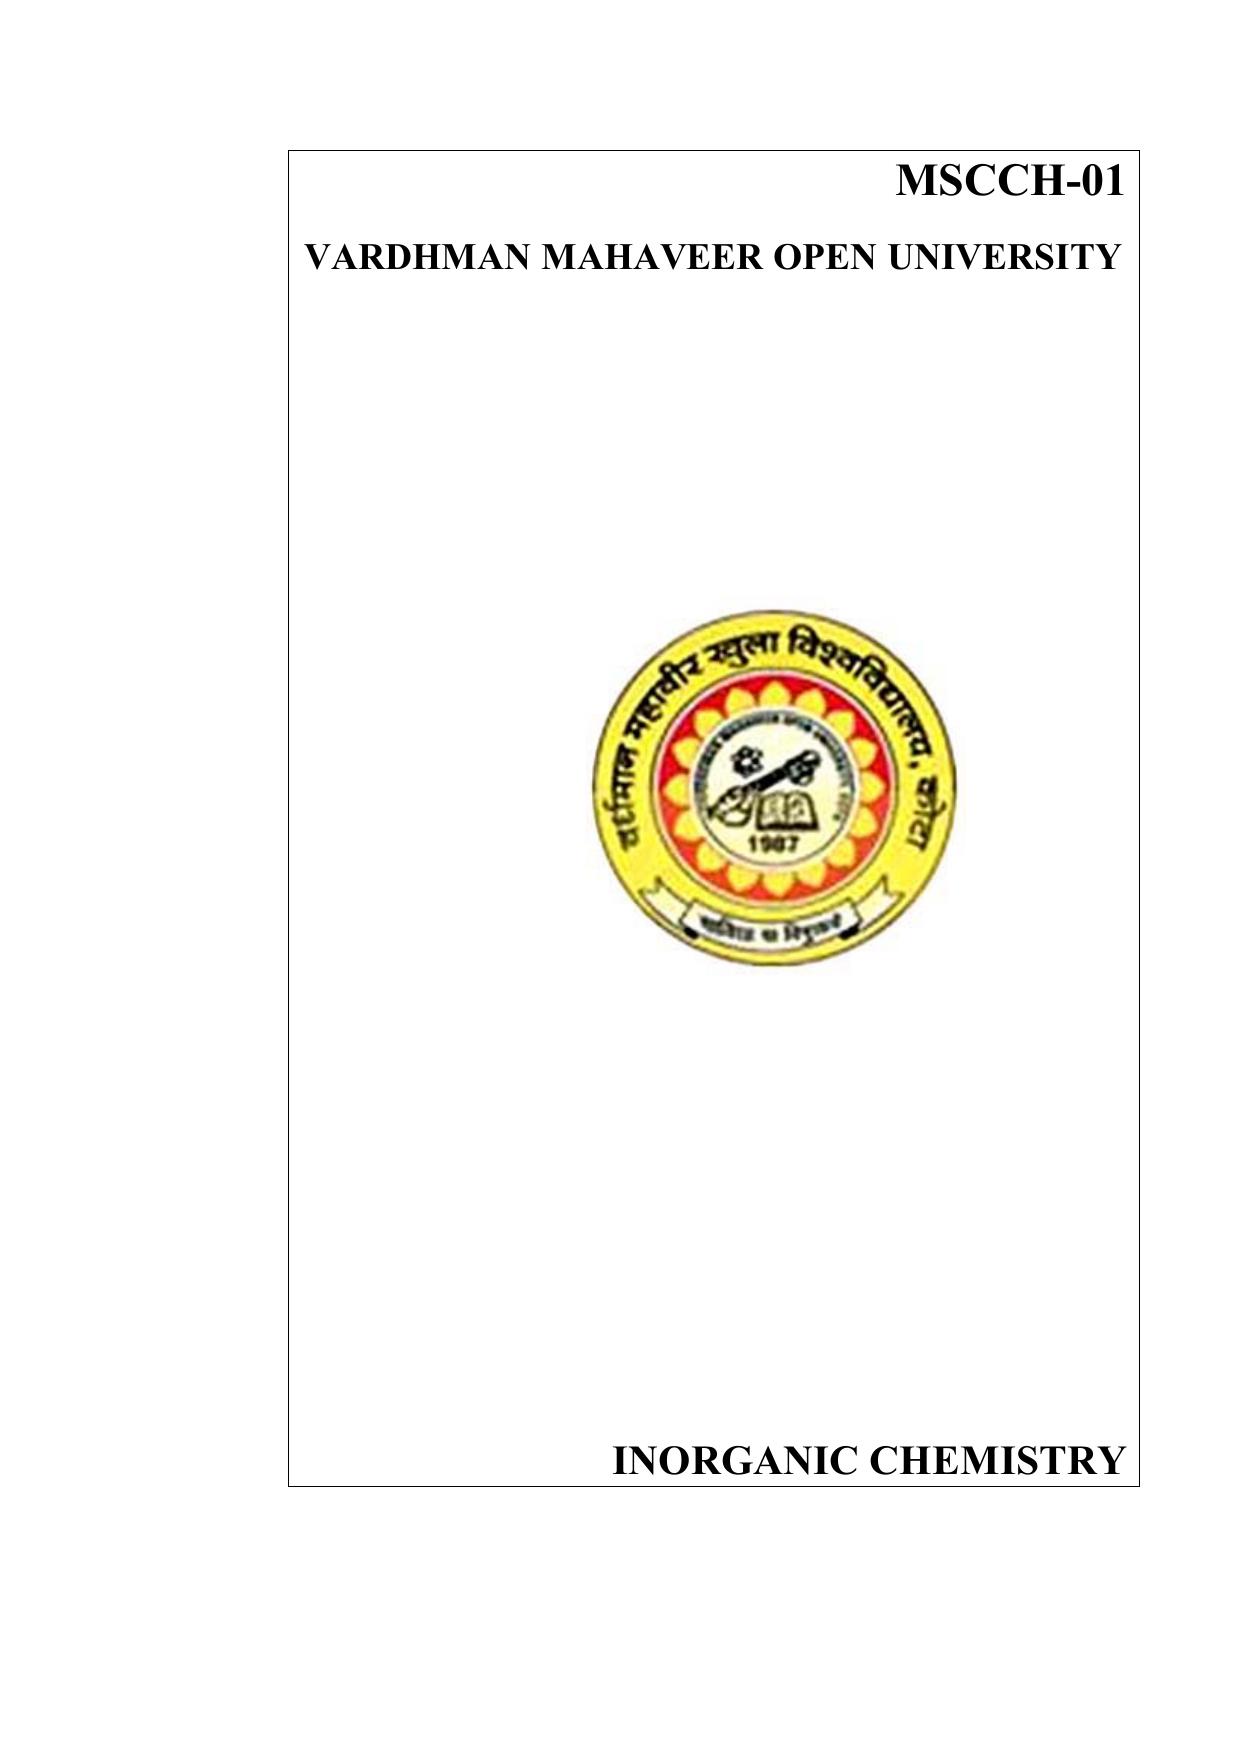 Inorganic Chemistry Name 3 Way Dimmer Switch Rona